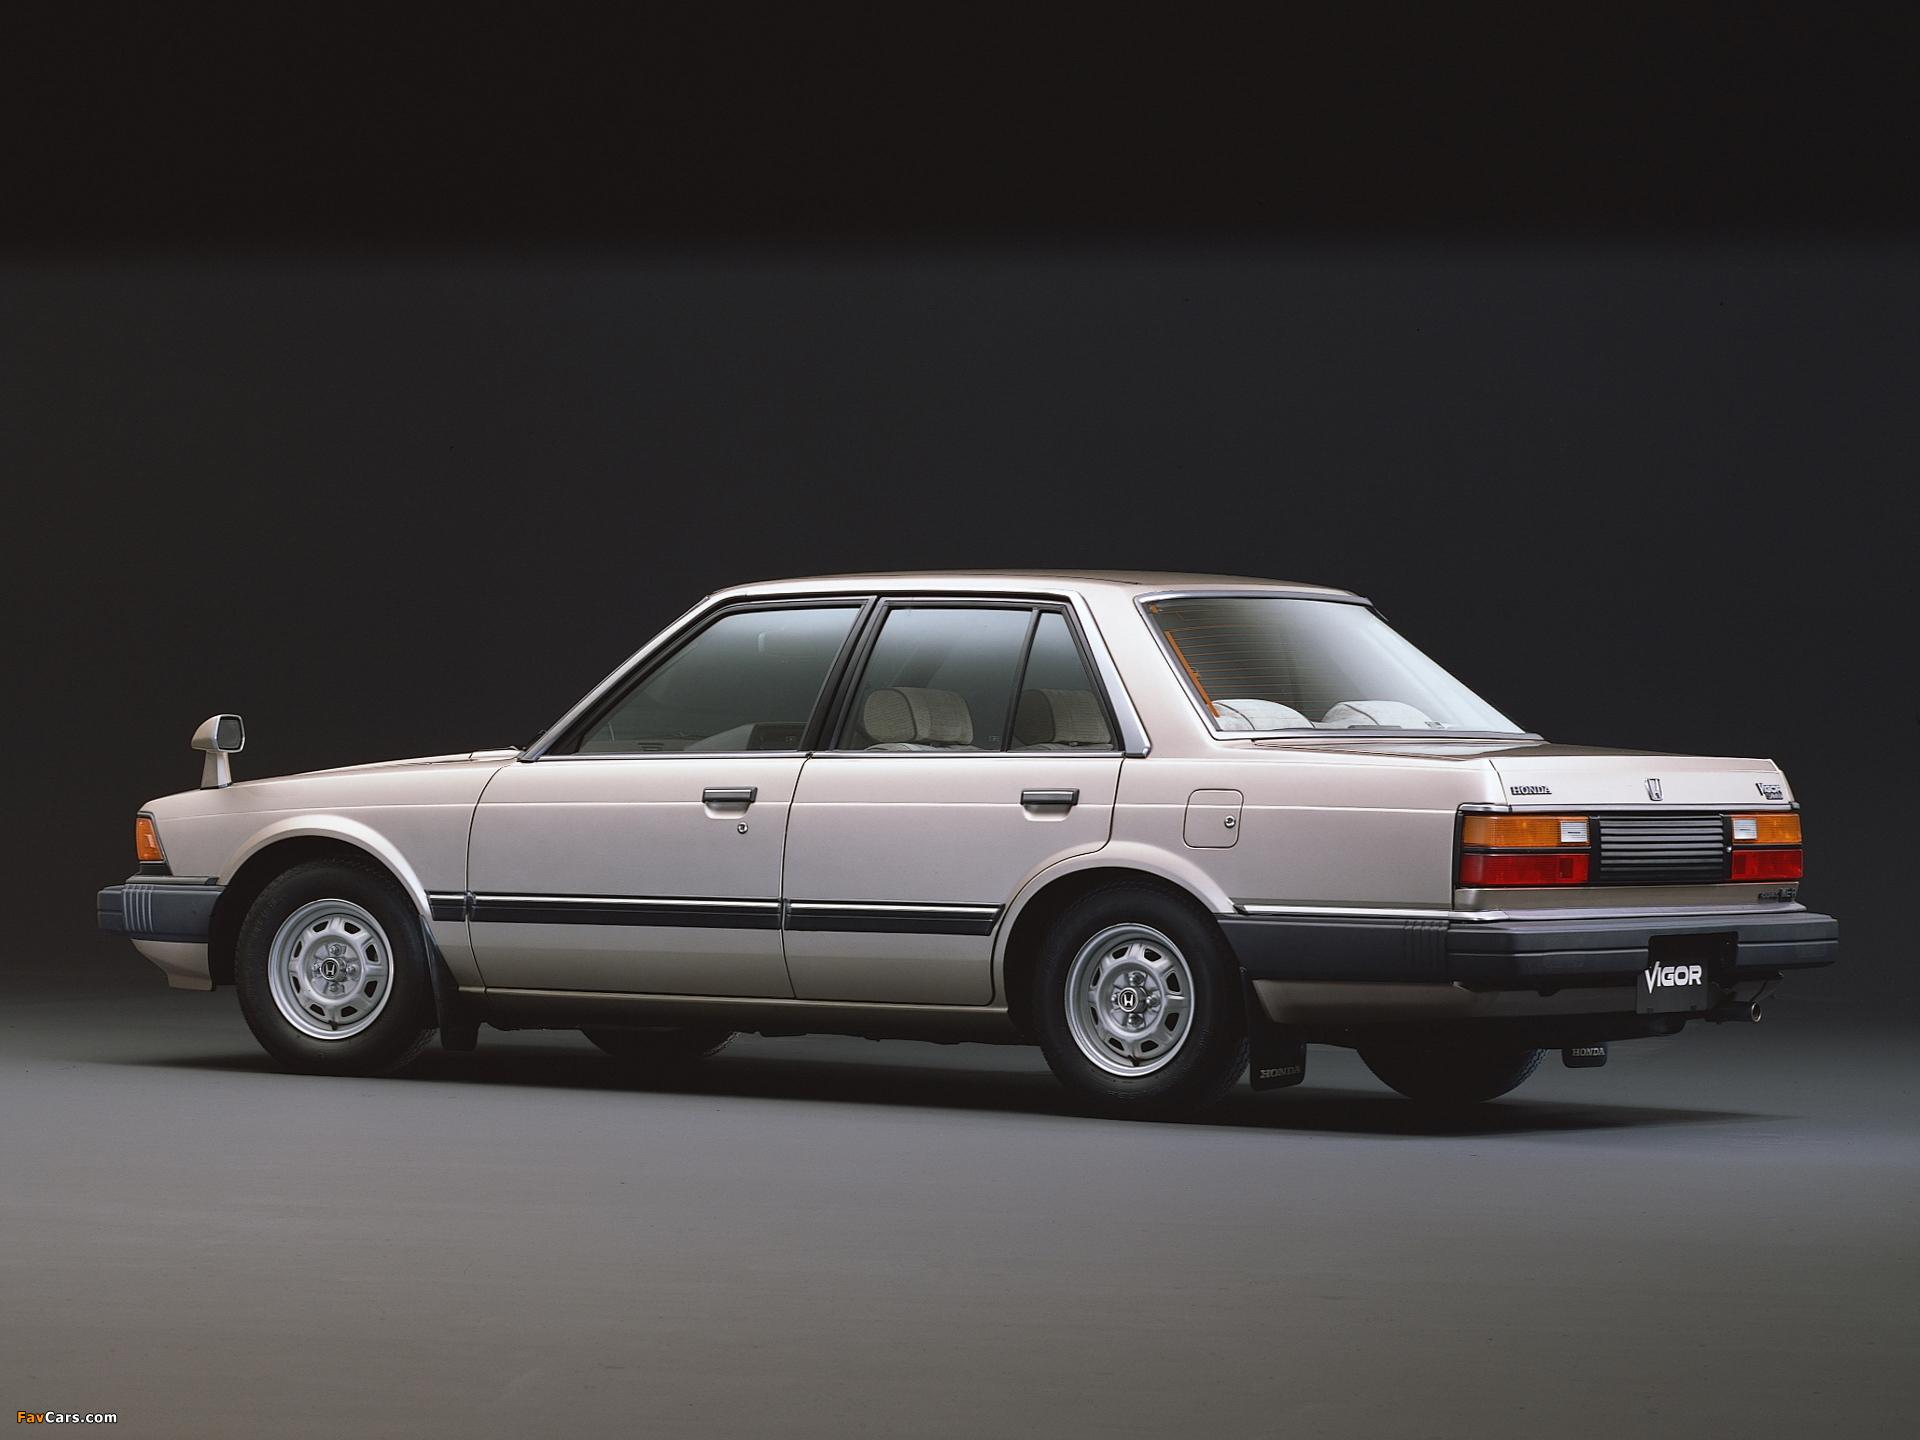 Kelebihan Kekurangan Honda Vigor Murah Berkualitas